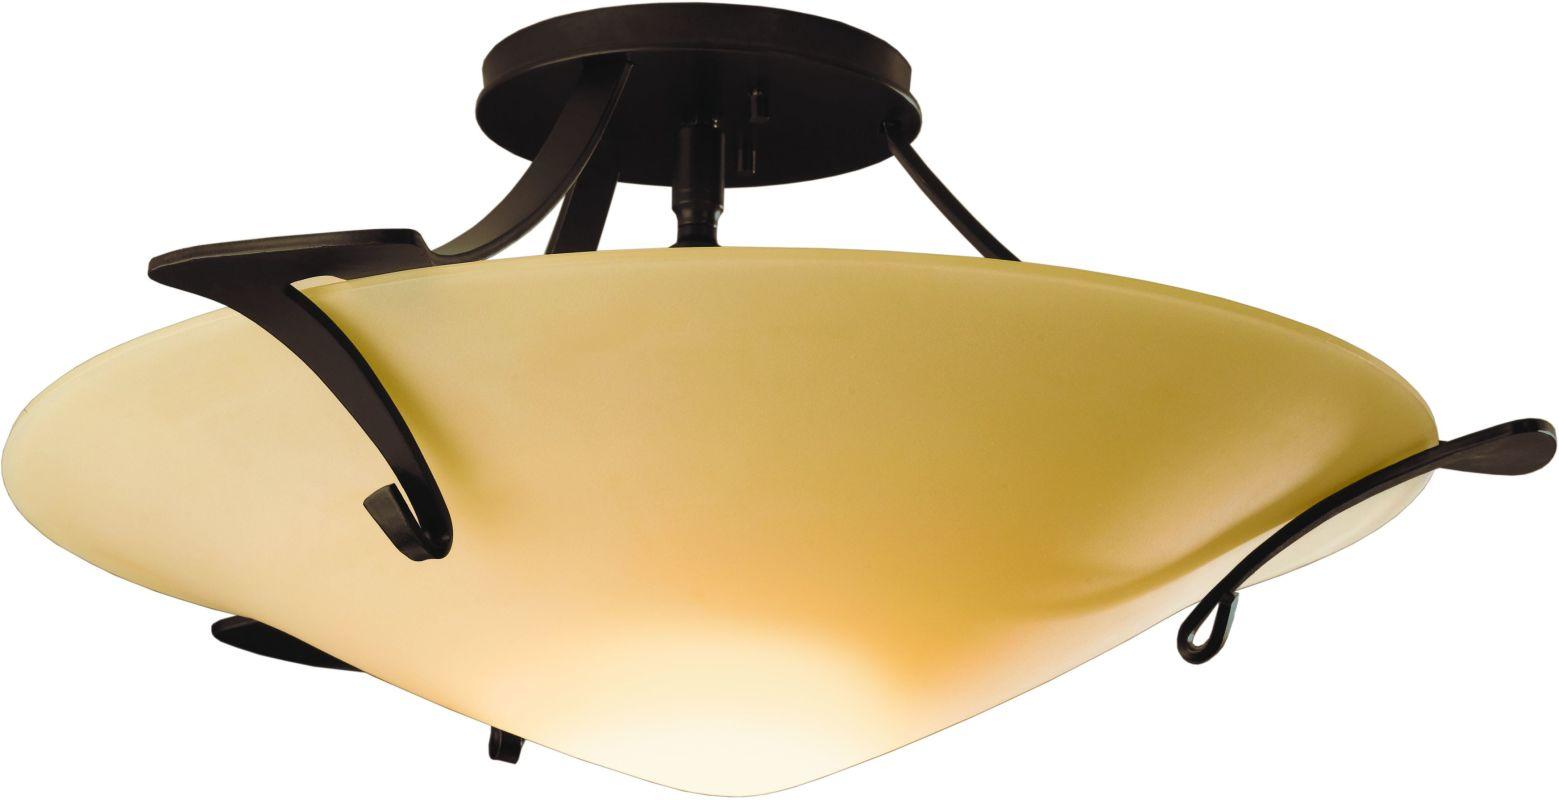 Hubbardton Forge 124710 1 Light Bowl Light Semi-Flush Ceiling Fixture